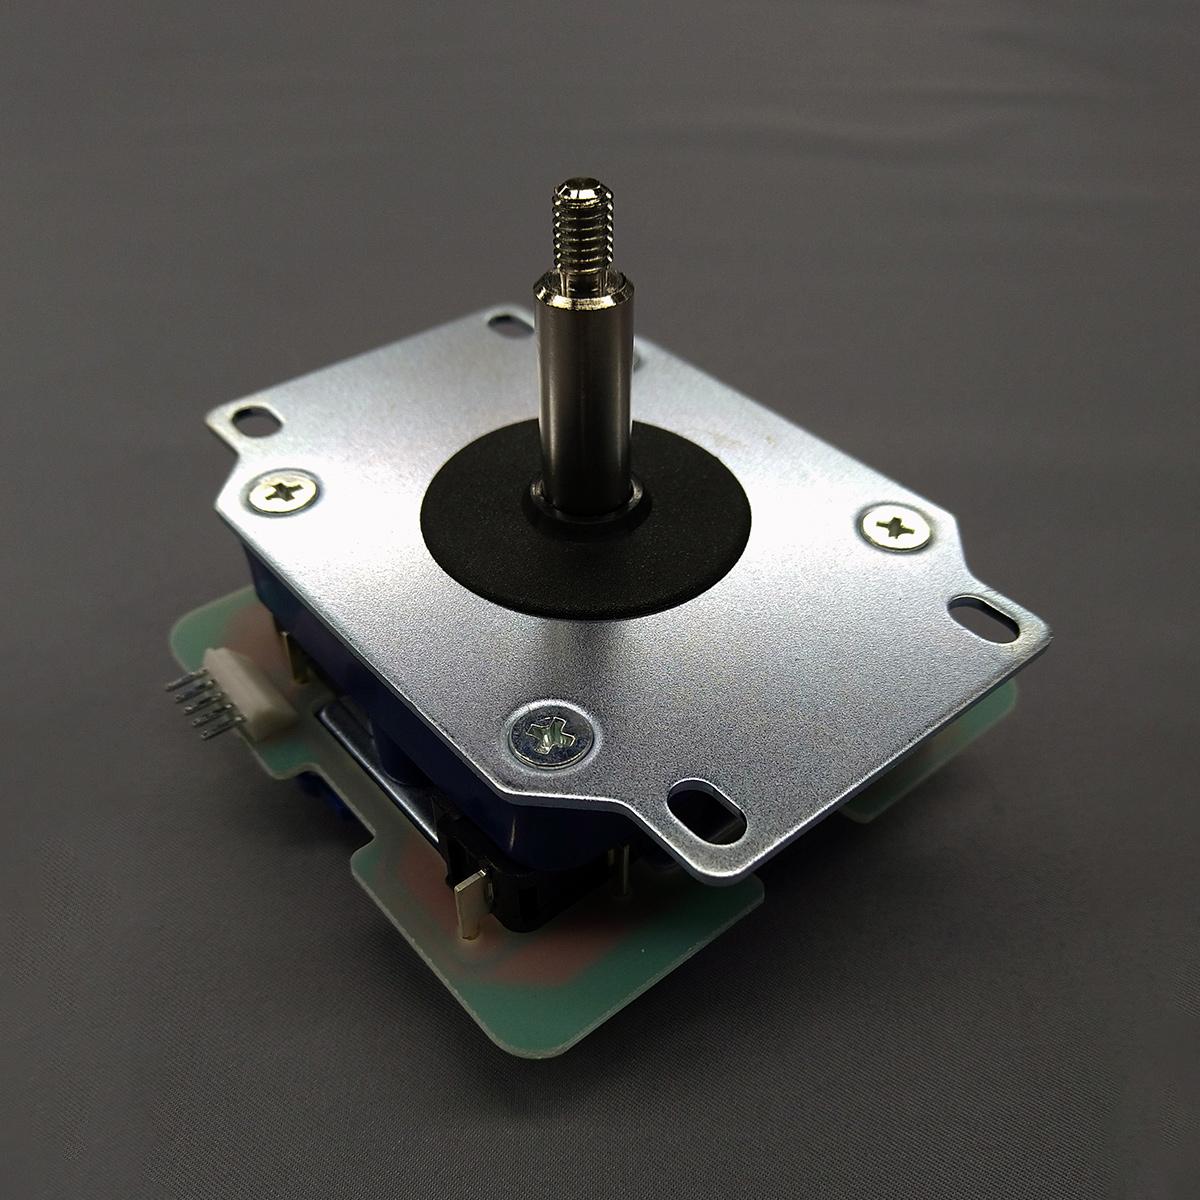 アケコンとの互換性を高めた セイミツ工業の人気レバー セイミツ工業 LS-32-01-MS シャフトカバー無し 基盤タイプジョイスティックレバー 即日出荷 与え